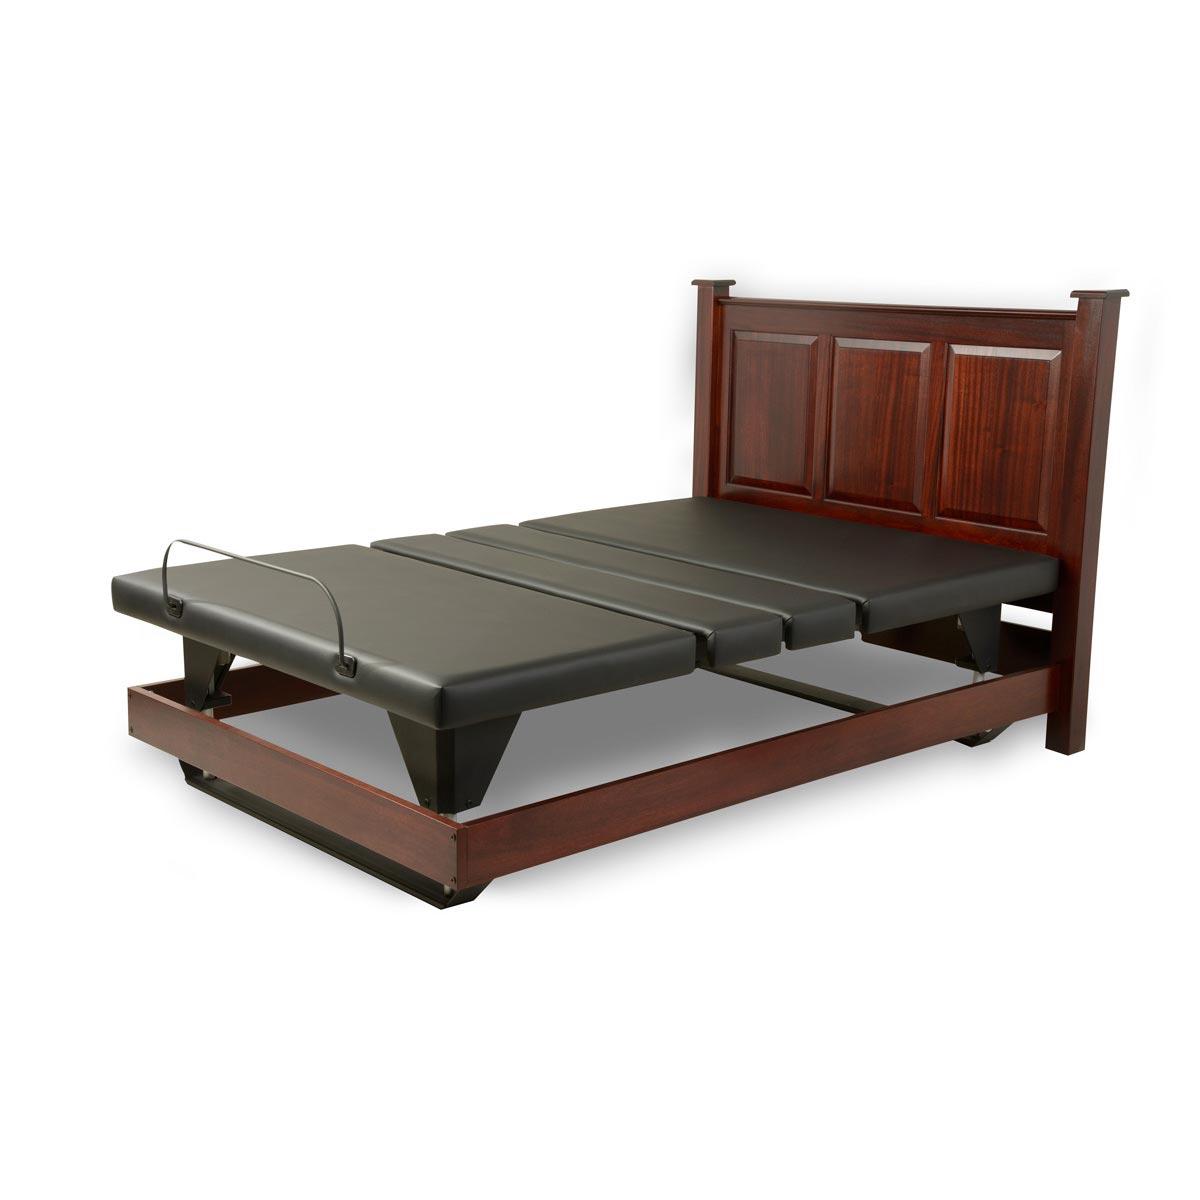 Assured Comfort Signature Series Articulating Bed | Medicaleshop